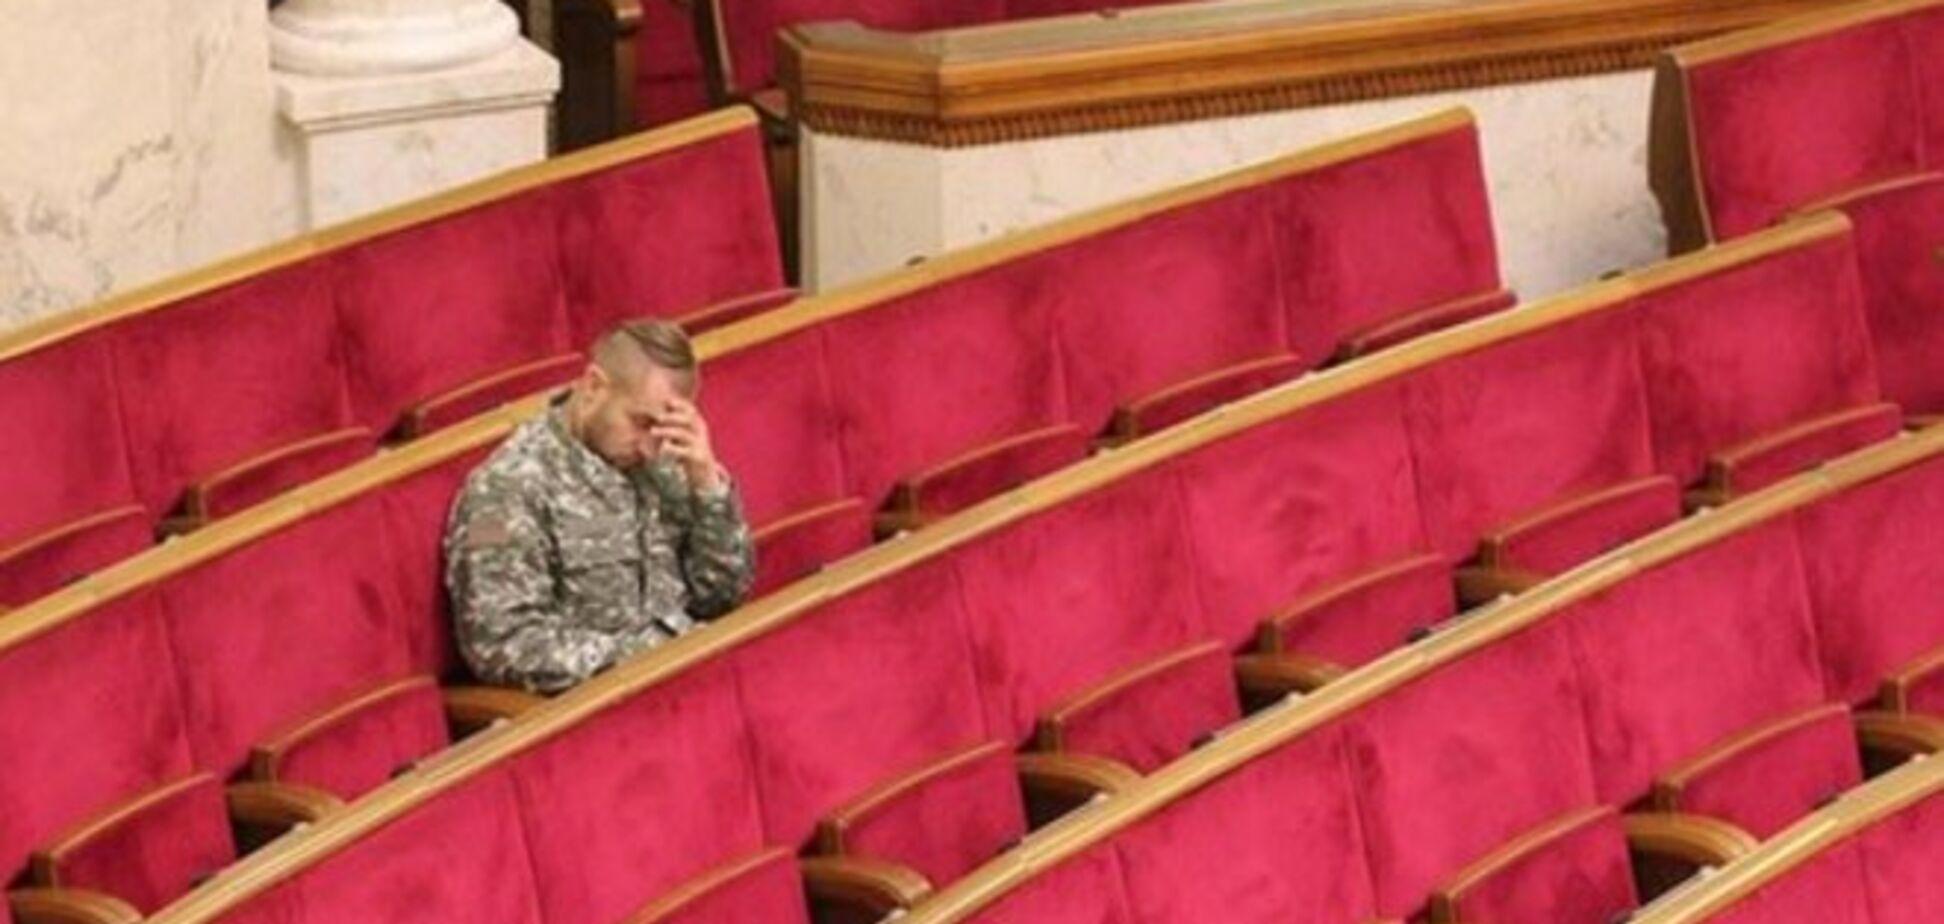 Все думали, что он спал: стало известно, чем занимался казак Гаврилюк во время перерыва в Раде